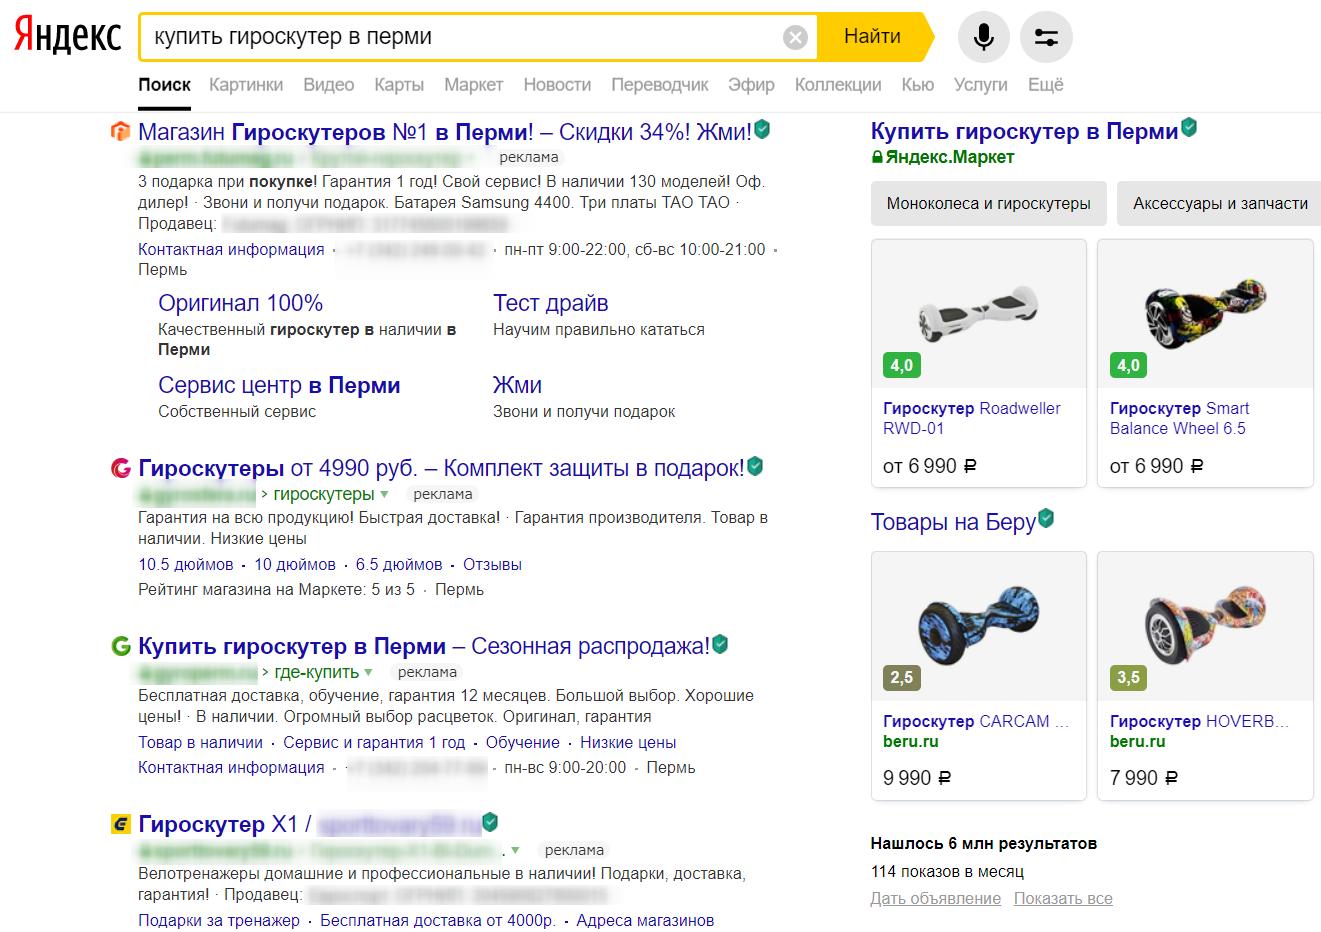 Объявления конкурентов Яндекс.Директ – рекламная выдача